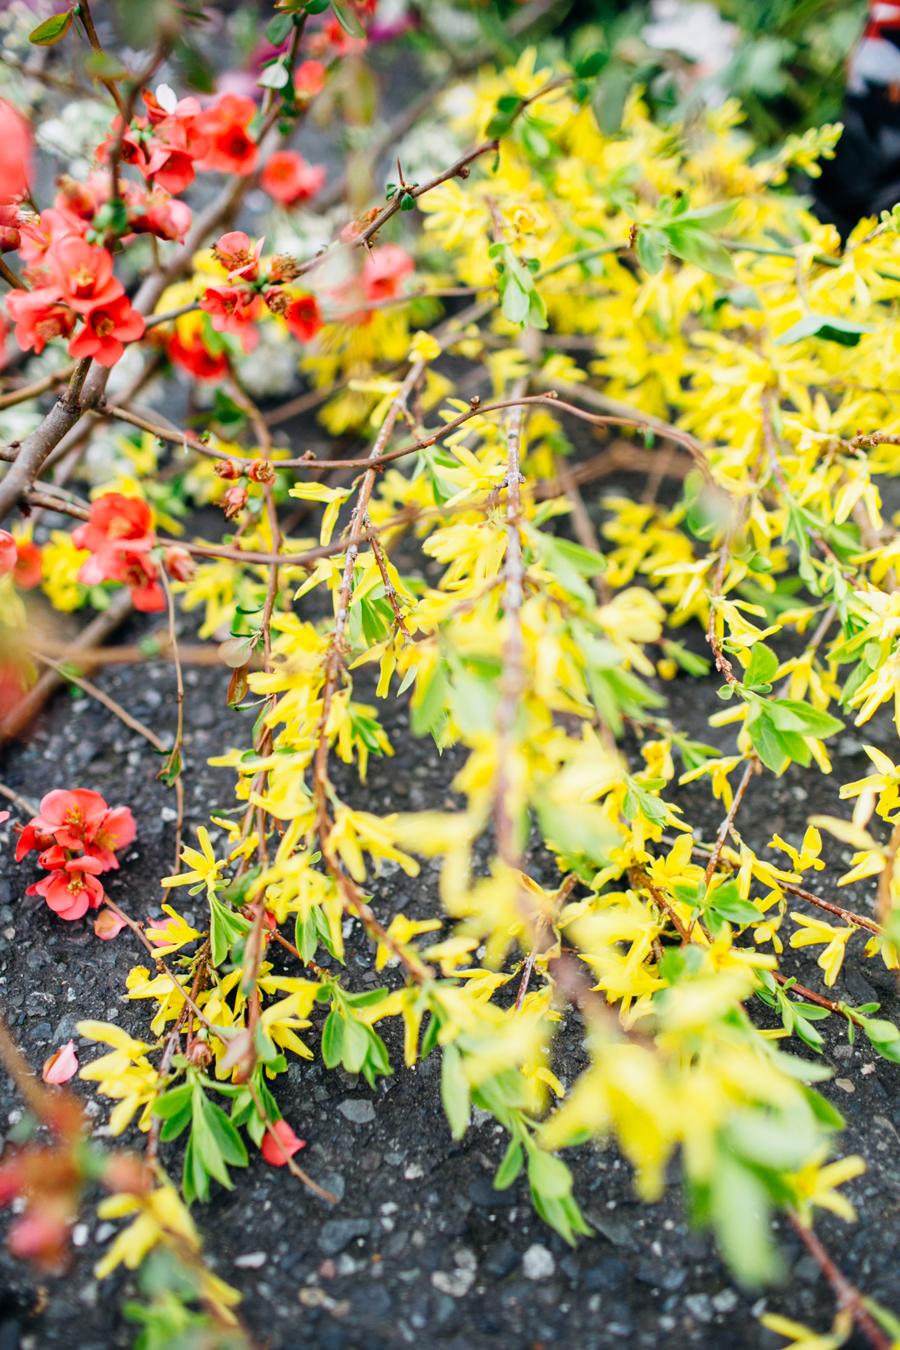 009-bellingham-stylized-flower-photographer-photo-pozie-by-natalie.jpg